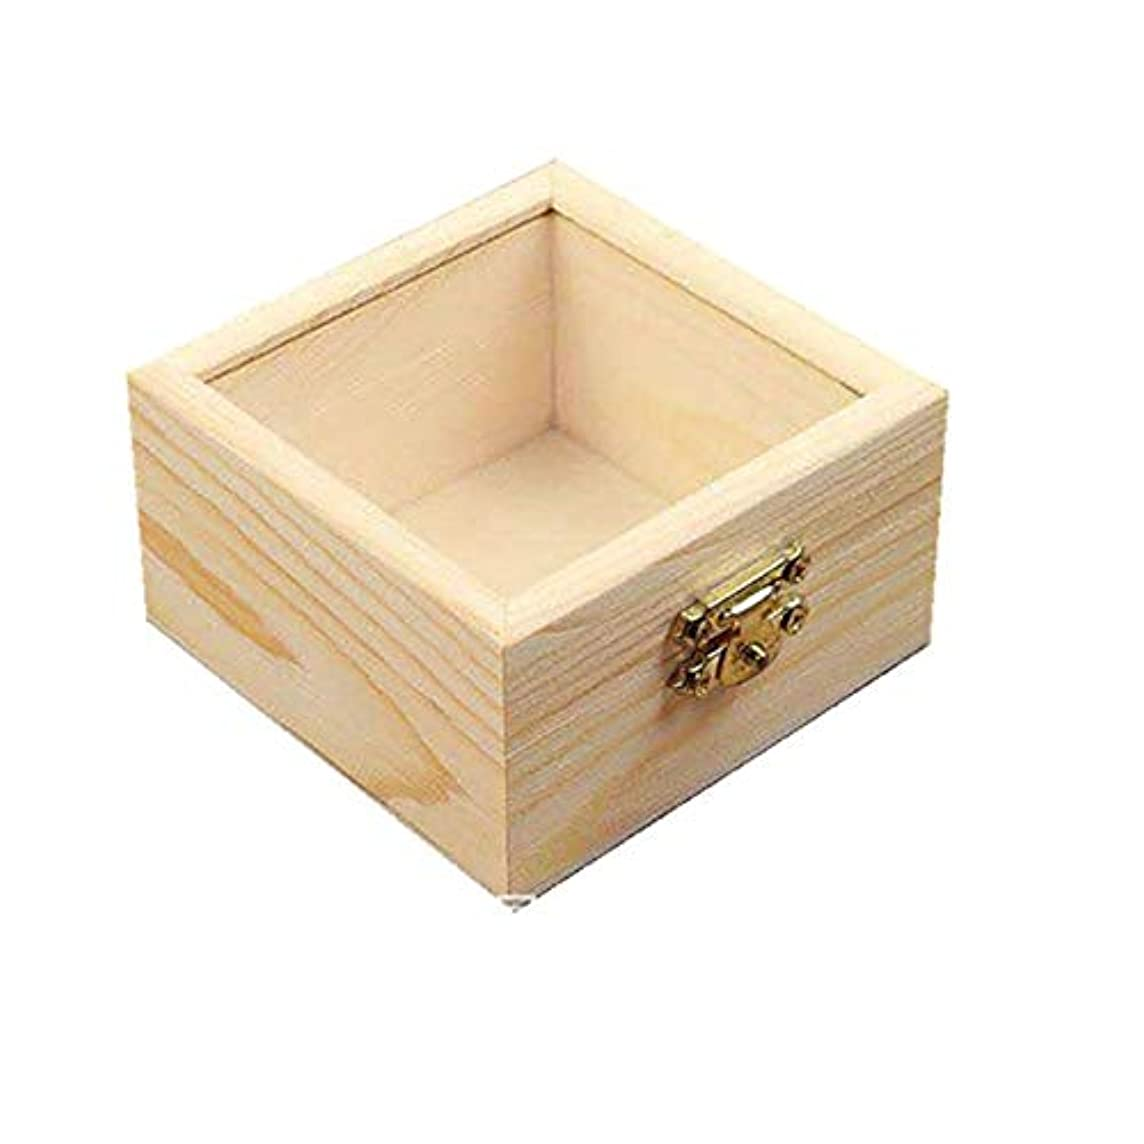 冬抽出路地エッセンシャルオイルストレージボックス 木製のエッセンシャルオイルは、プレゼンテーションのために完璧なエッセンシャルオイルケースはBox 旅行およびプレゼンテーション用 (色 : Natural, サイズ : 8.5X8.5X5CM)